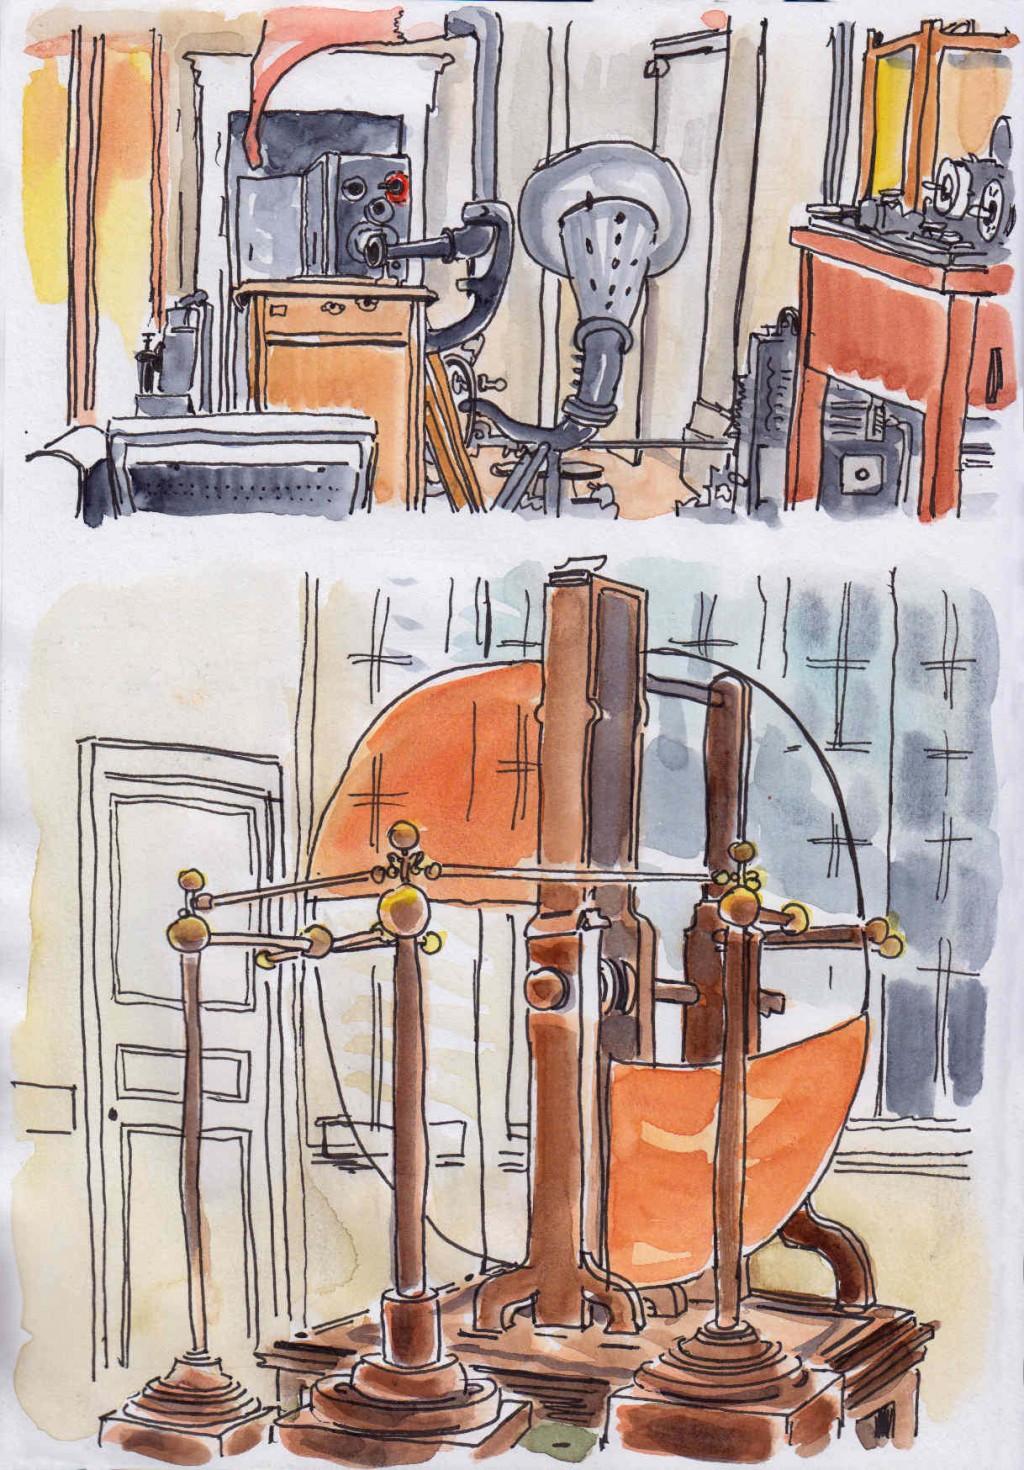 Musée des Arts et Métiers, Salle des Communications